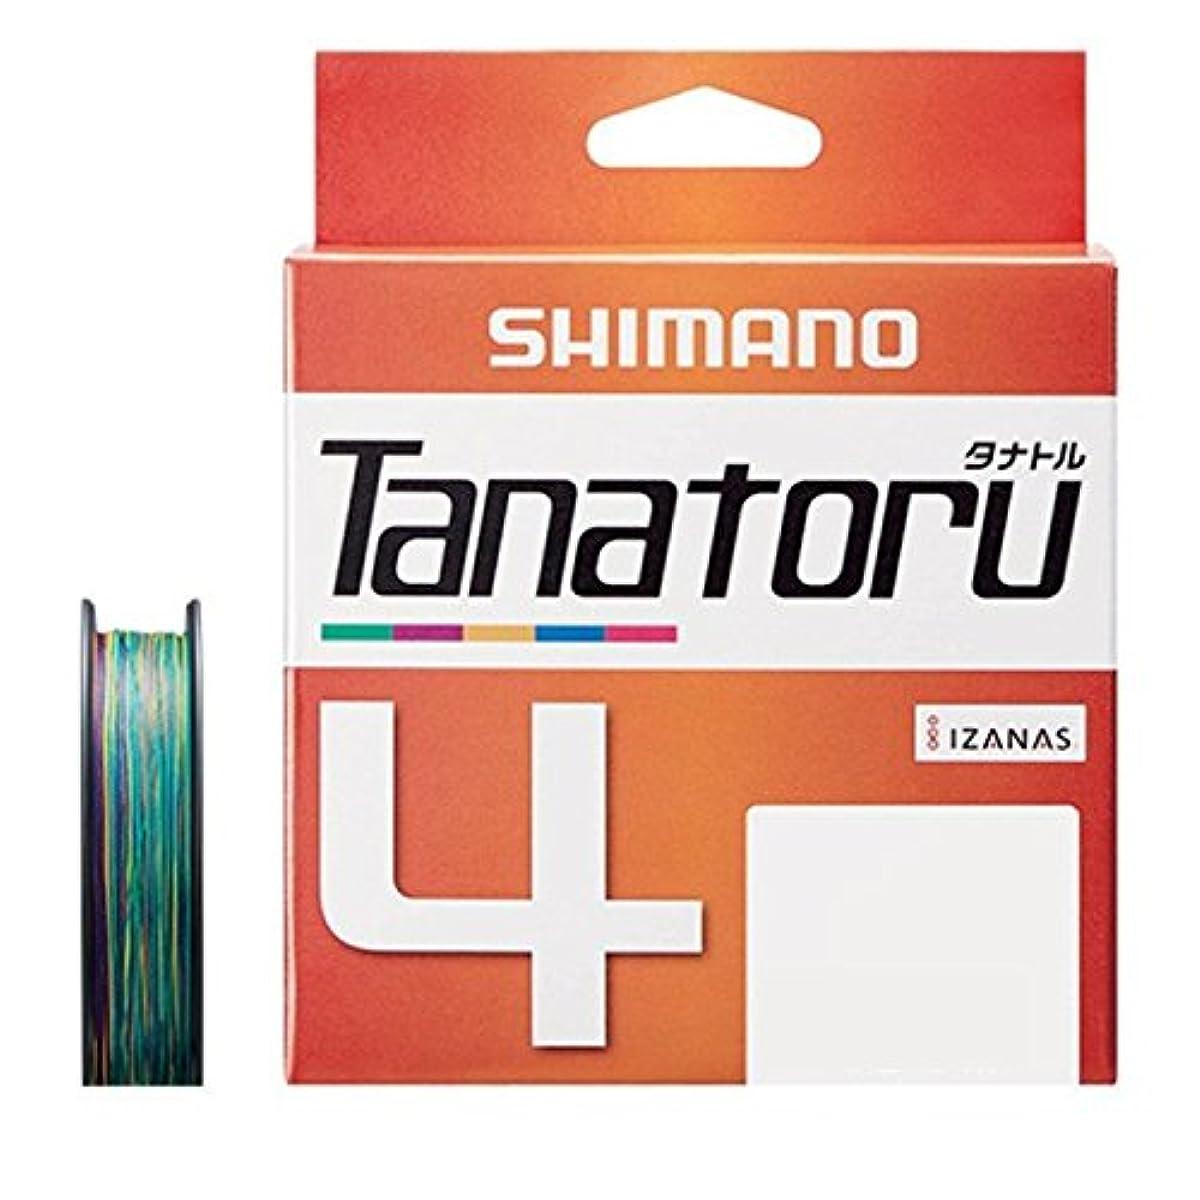 [해외] 시마노 PE라인 다나토루 4개 뜨기 300M 멀티 컬러 PL-F74R